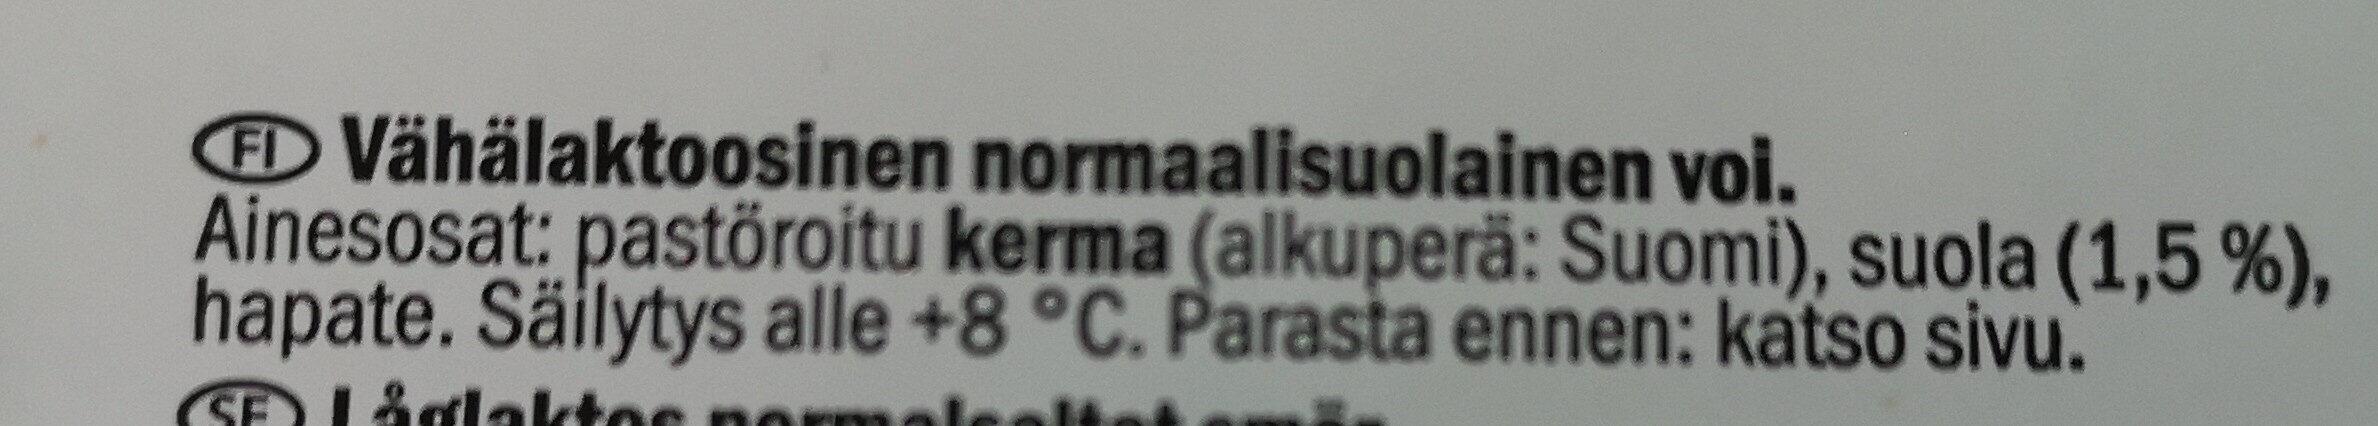 Kotimainen Voi, Normaalisuolainen - Ingredients